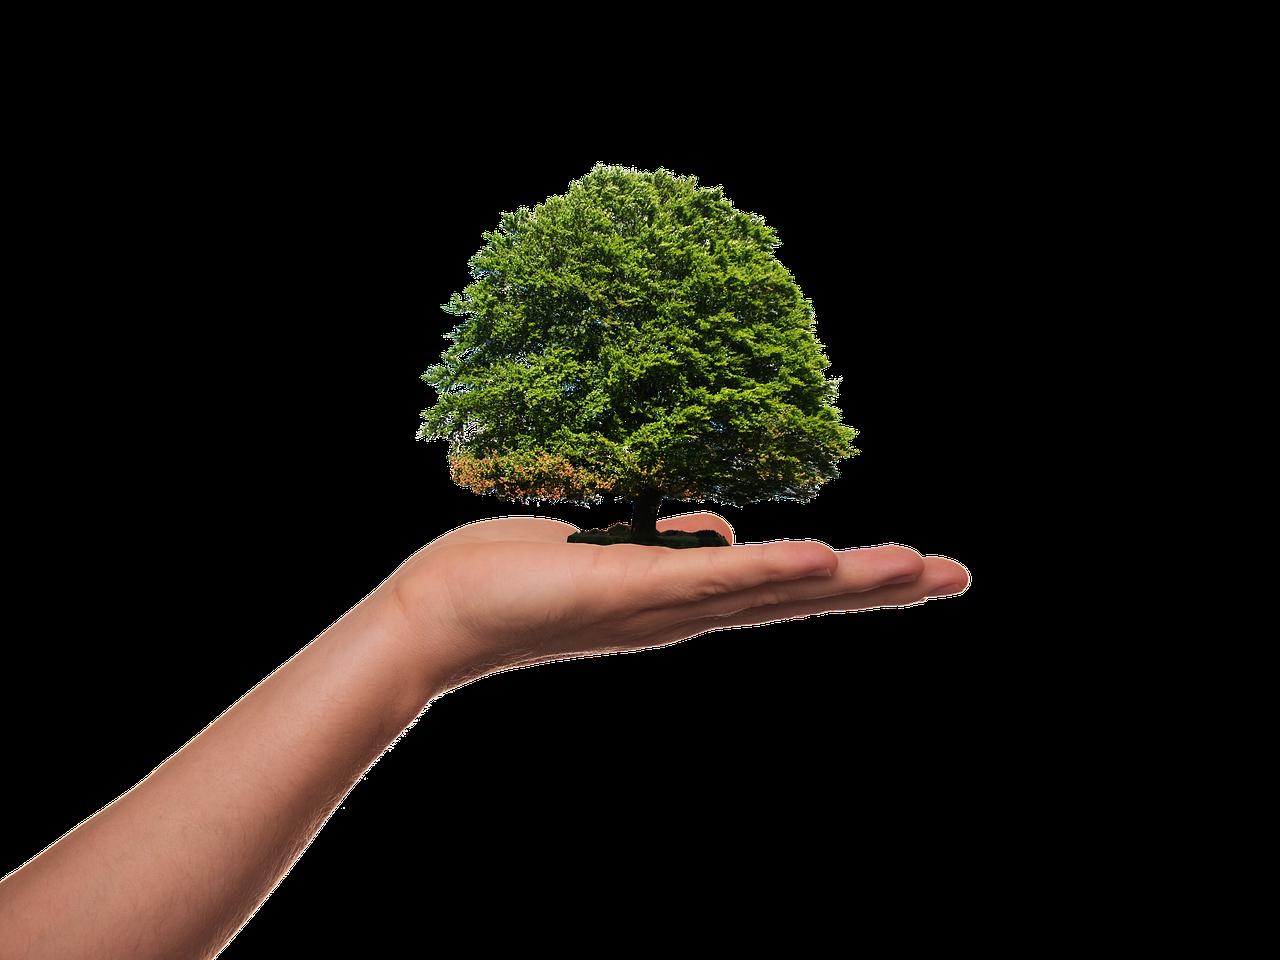 El Gobierno de Canarias realiza un estudio de opinión pública sobre transición ecológica y cambio climático